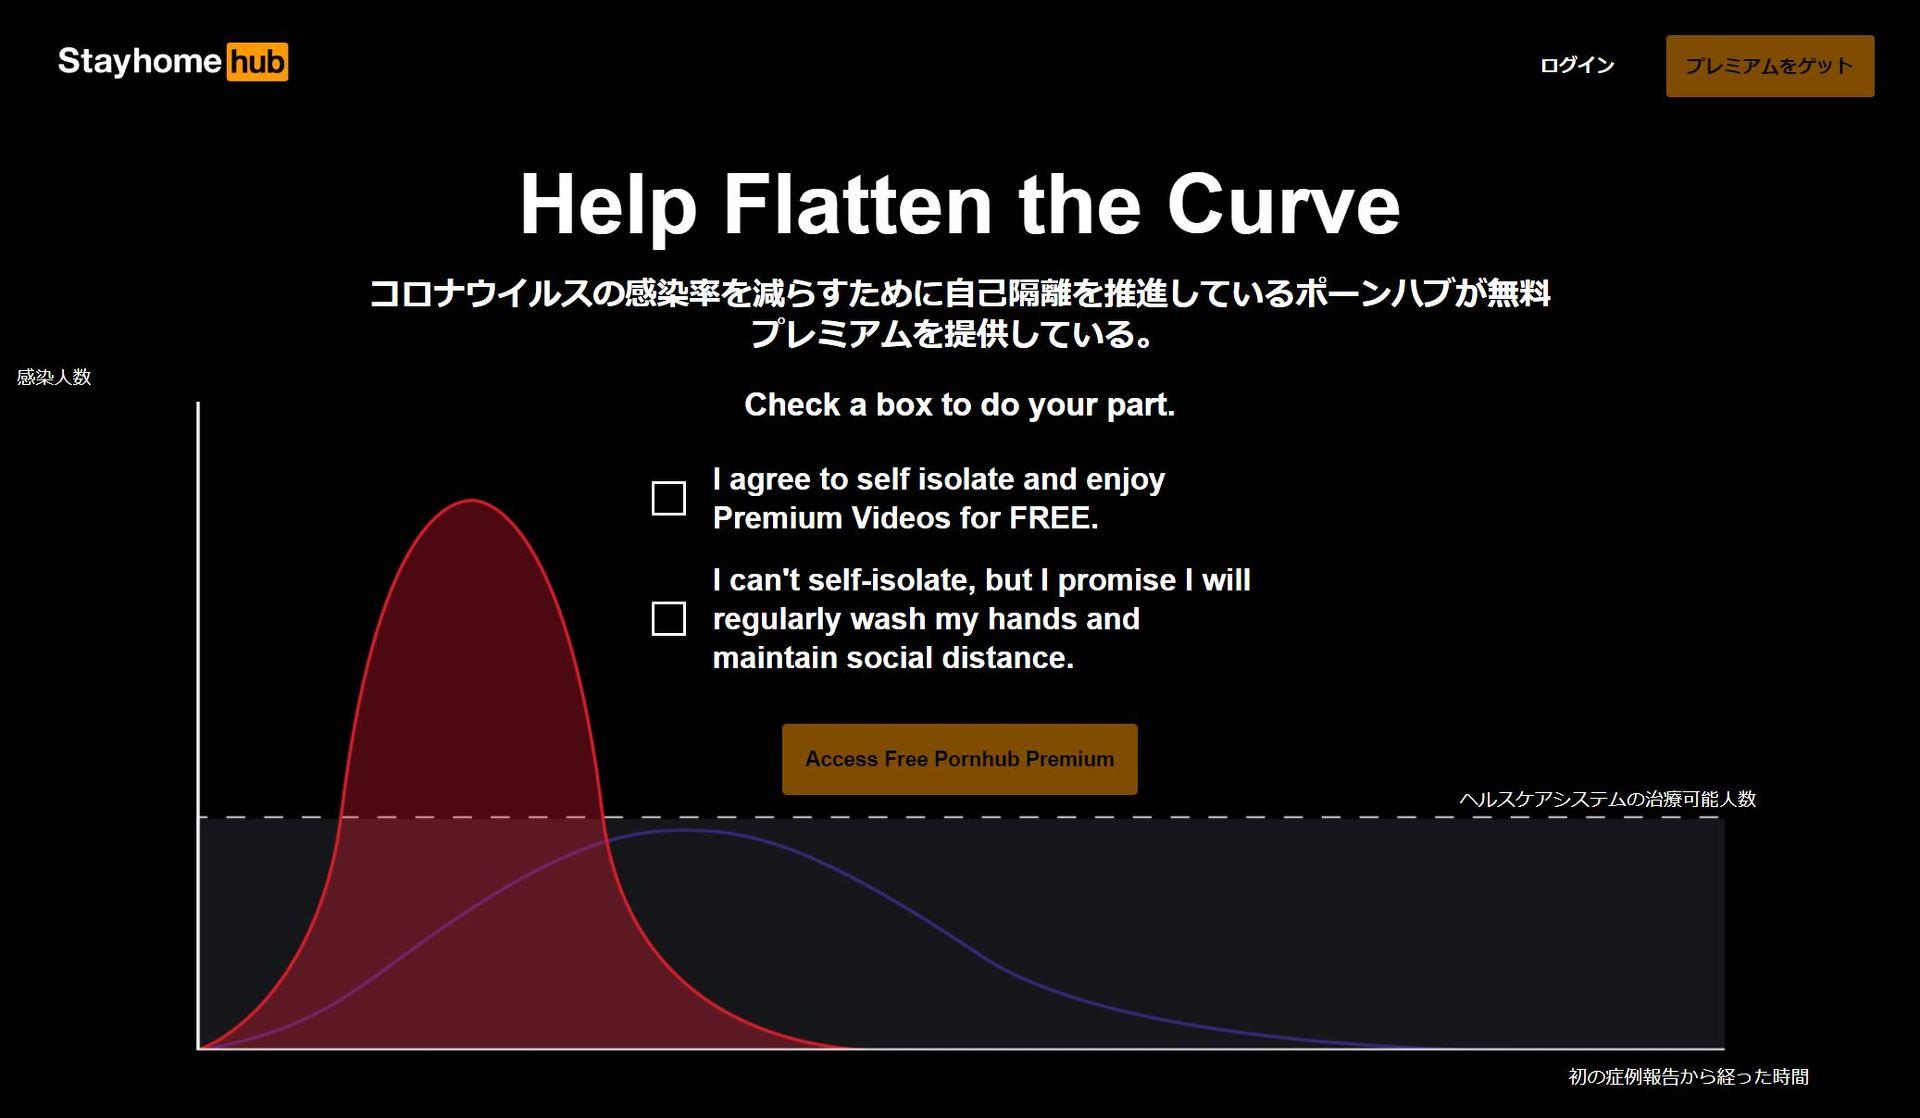 アダルト動画サイトPornhub、新型コロナ対策支援で日本を含む世界で4月23日まで無料に - ITmedia NEWS